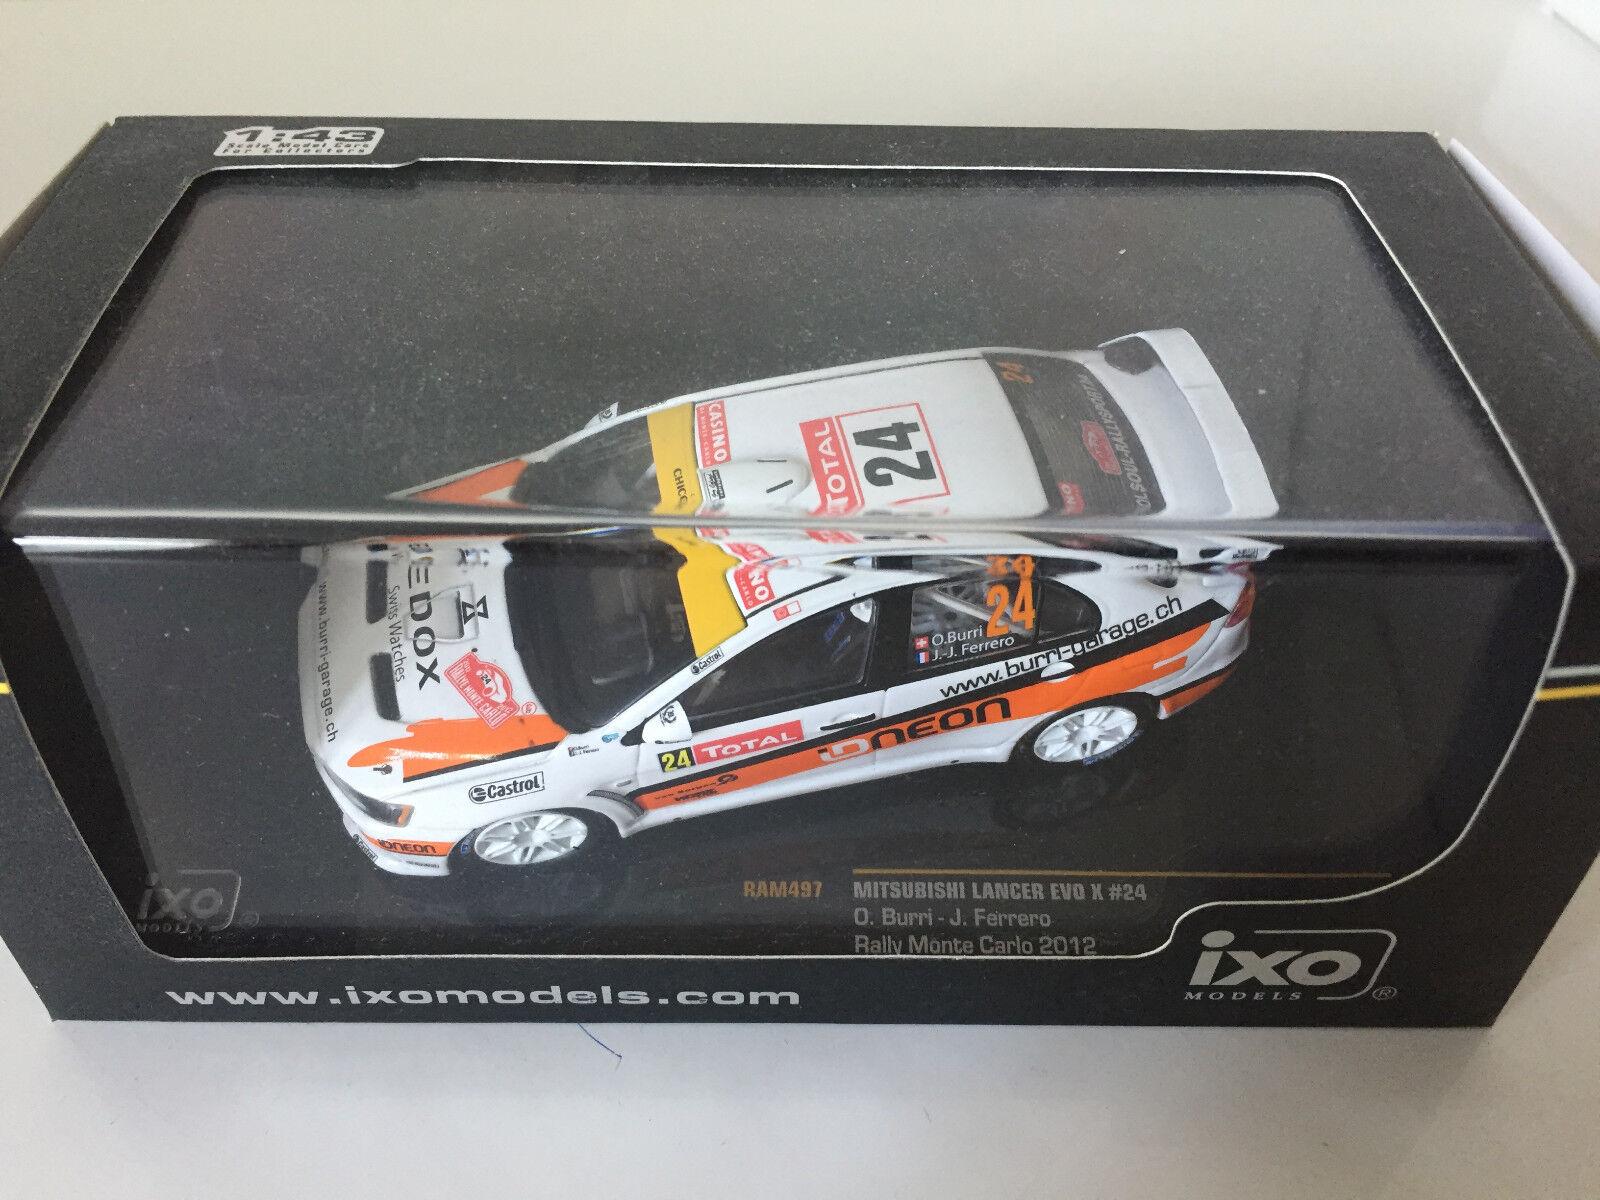 MITSUBISHI LANCER EVO X 10 BURRI RALLYE MONTE CARLO 2012 RALLY WRC IXO 1/43